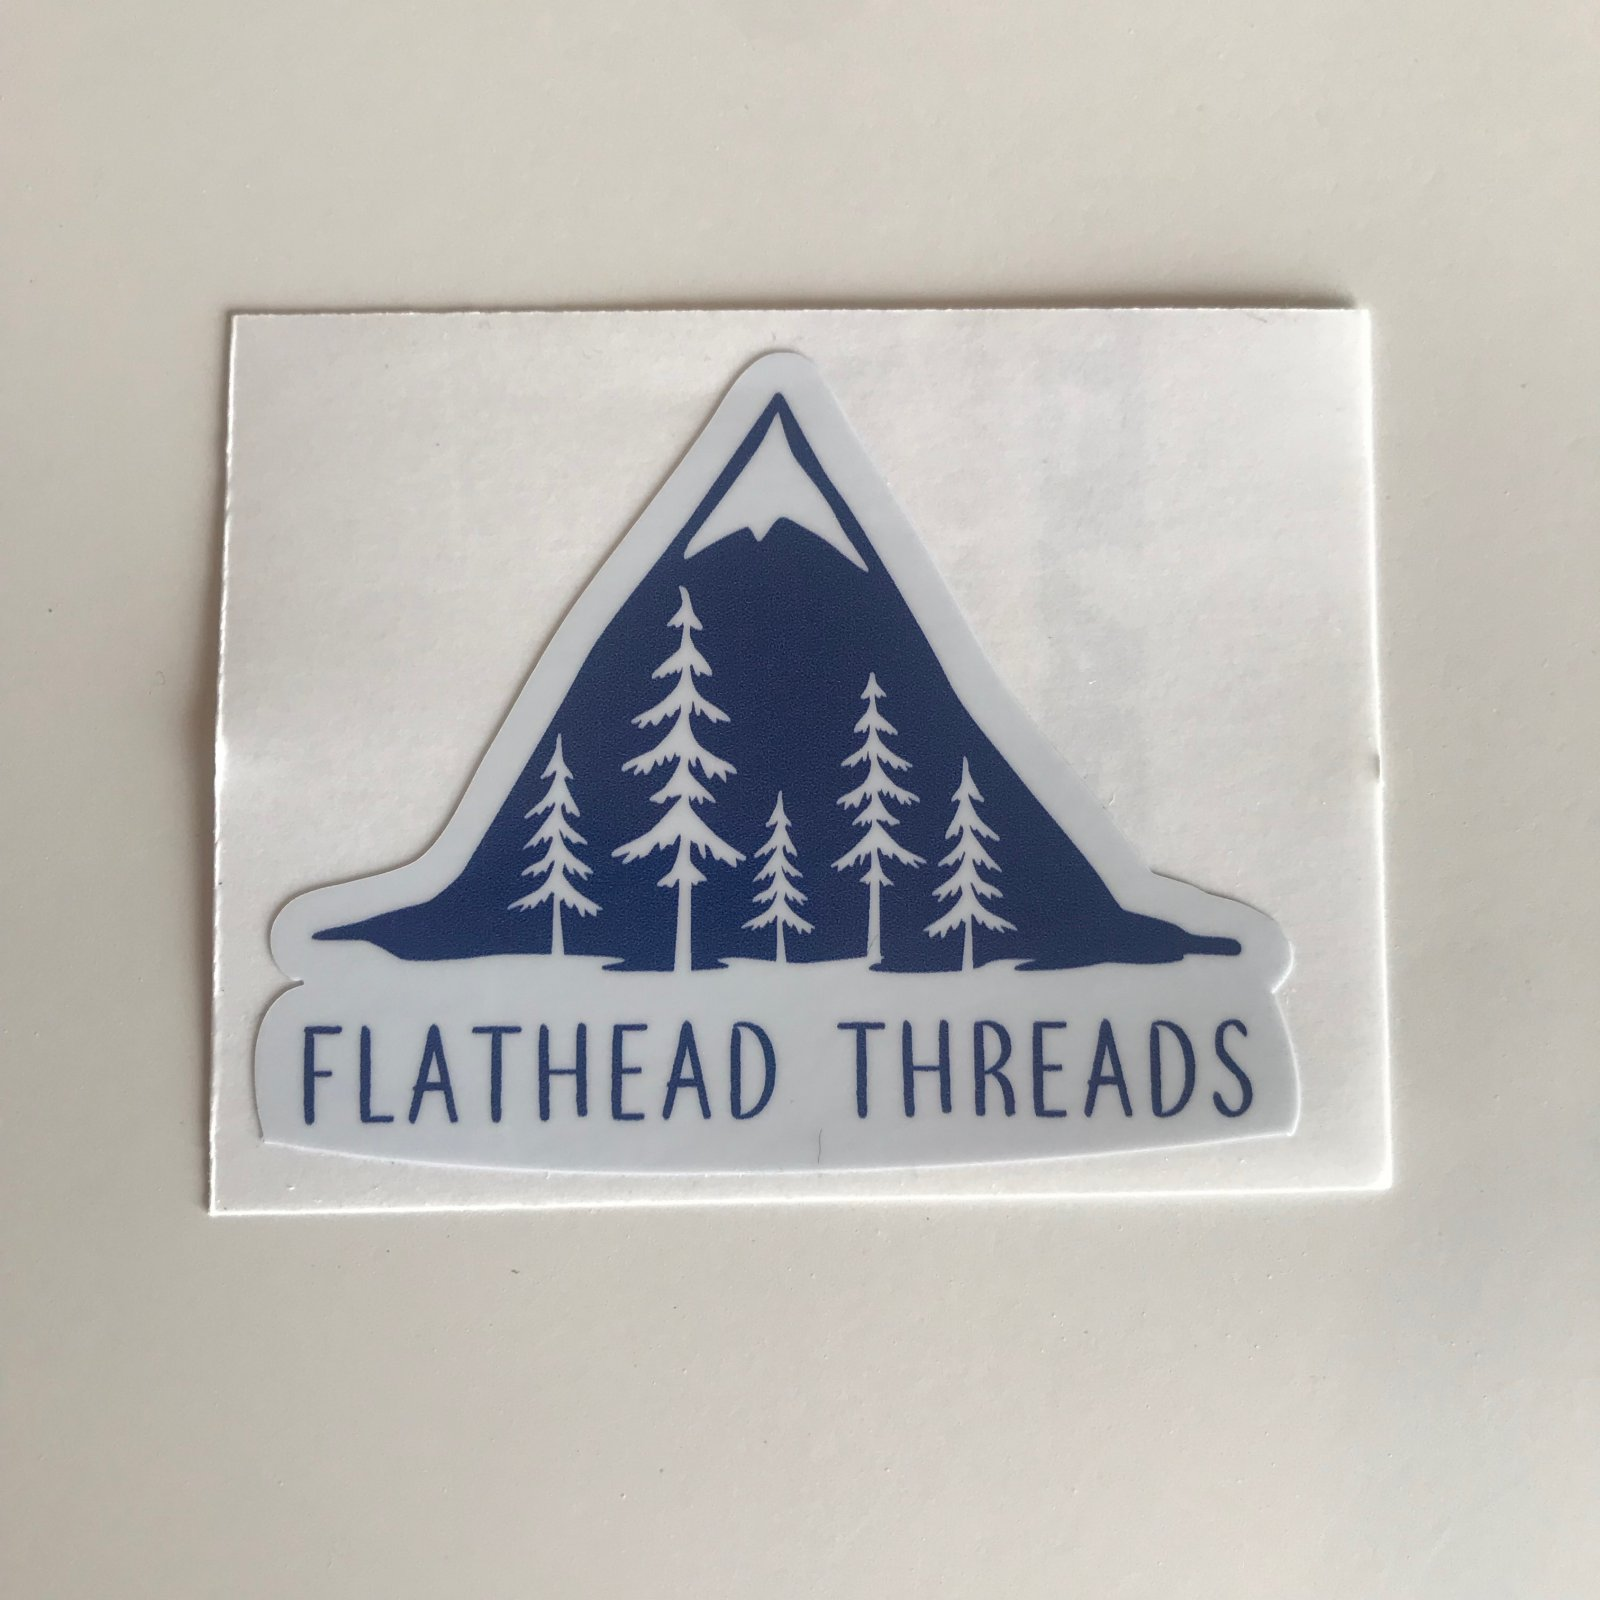 Flathead Threads Sticker